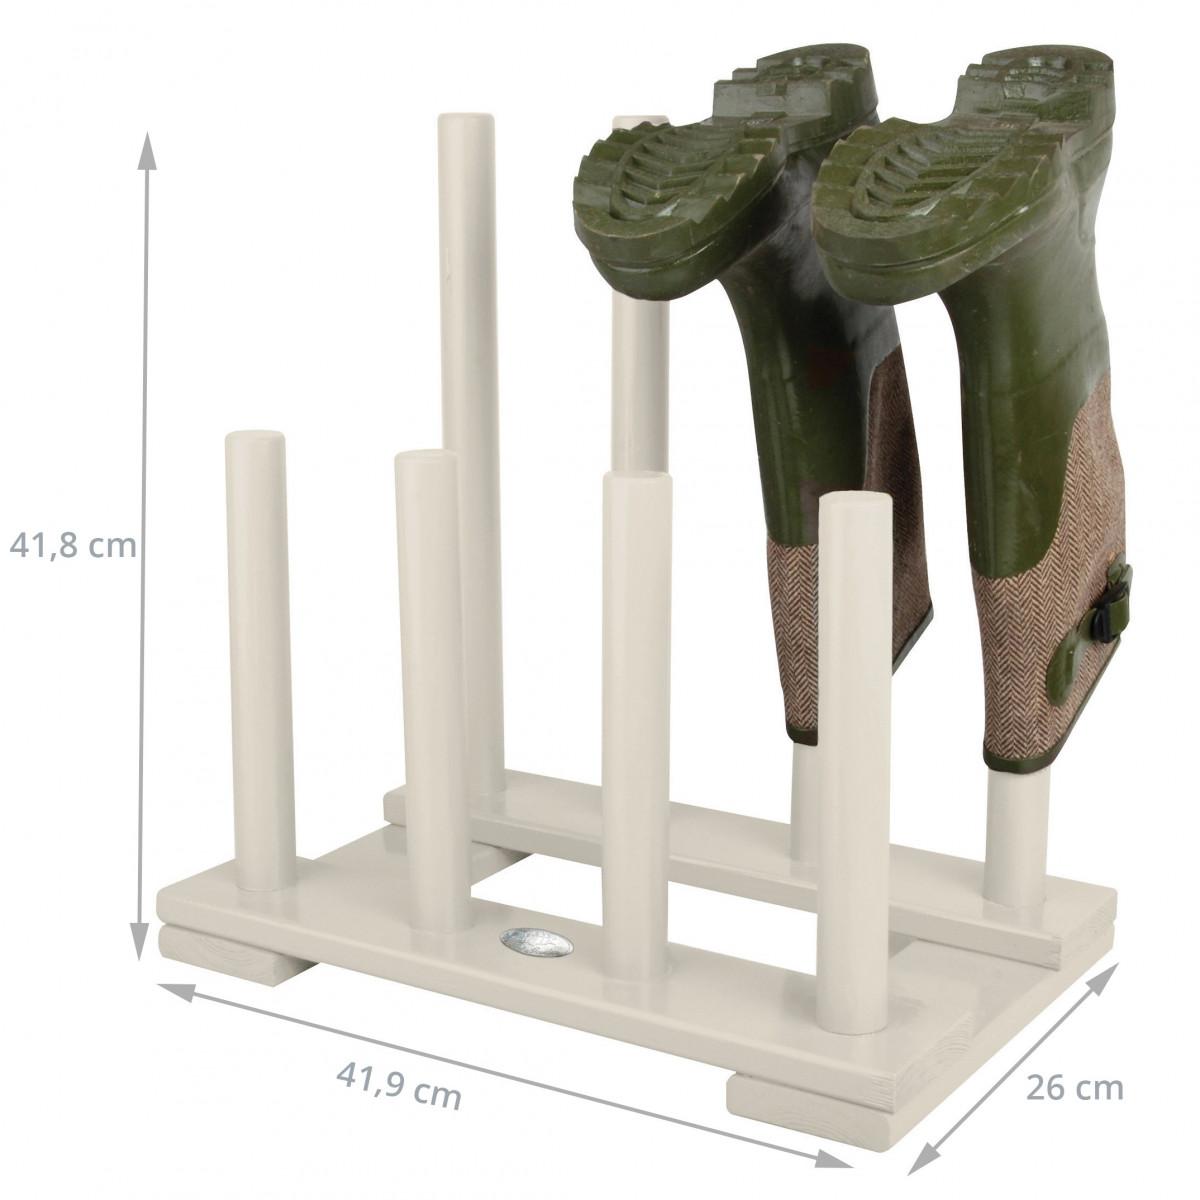 Range bottes de jardin en bois blanc rangement jardin - Range chaussures bois ...